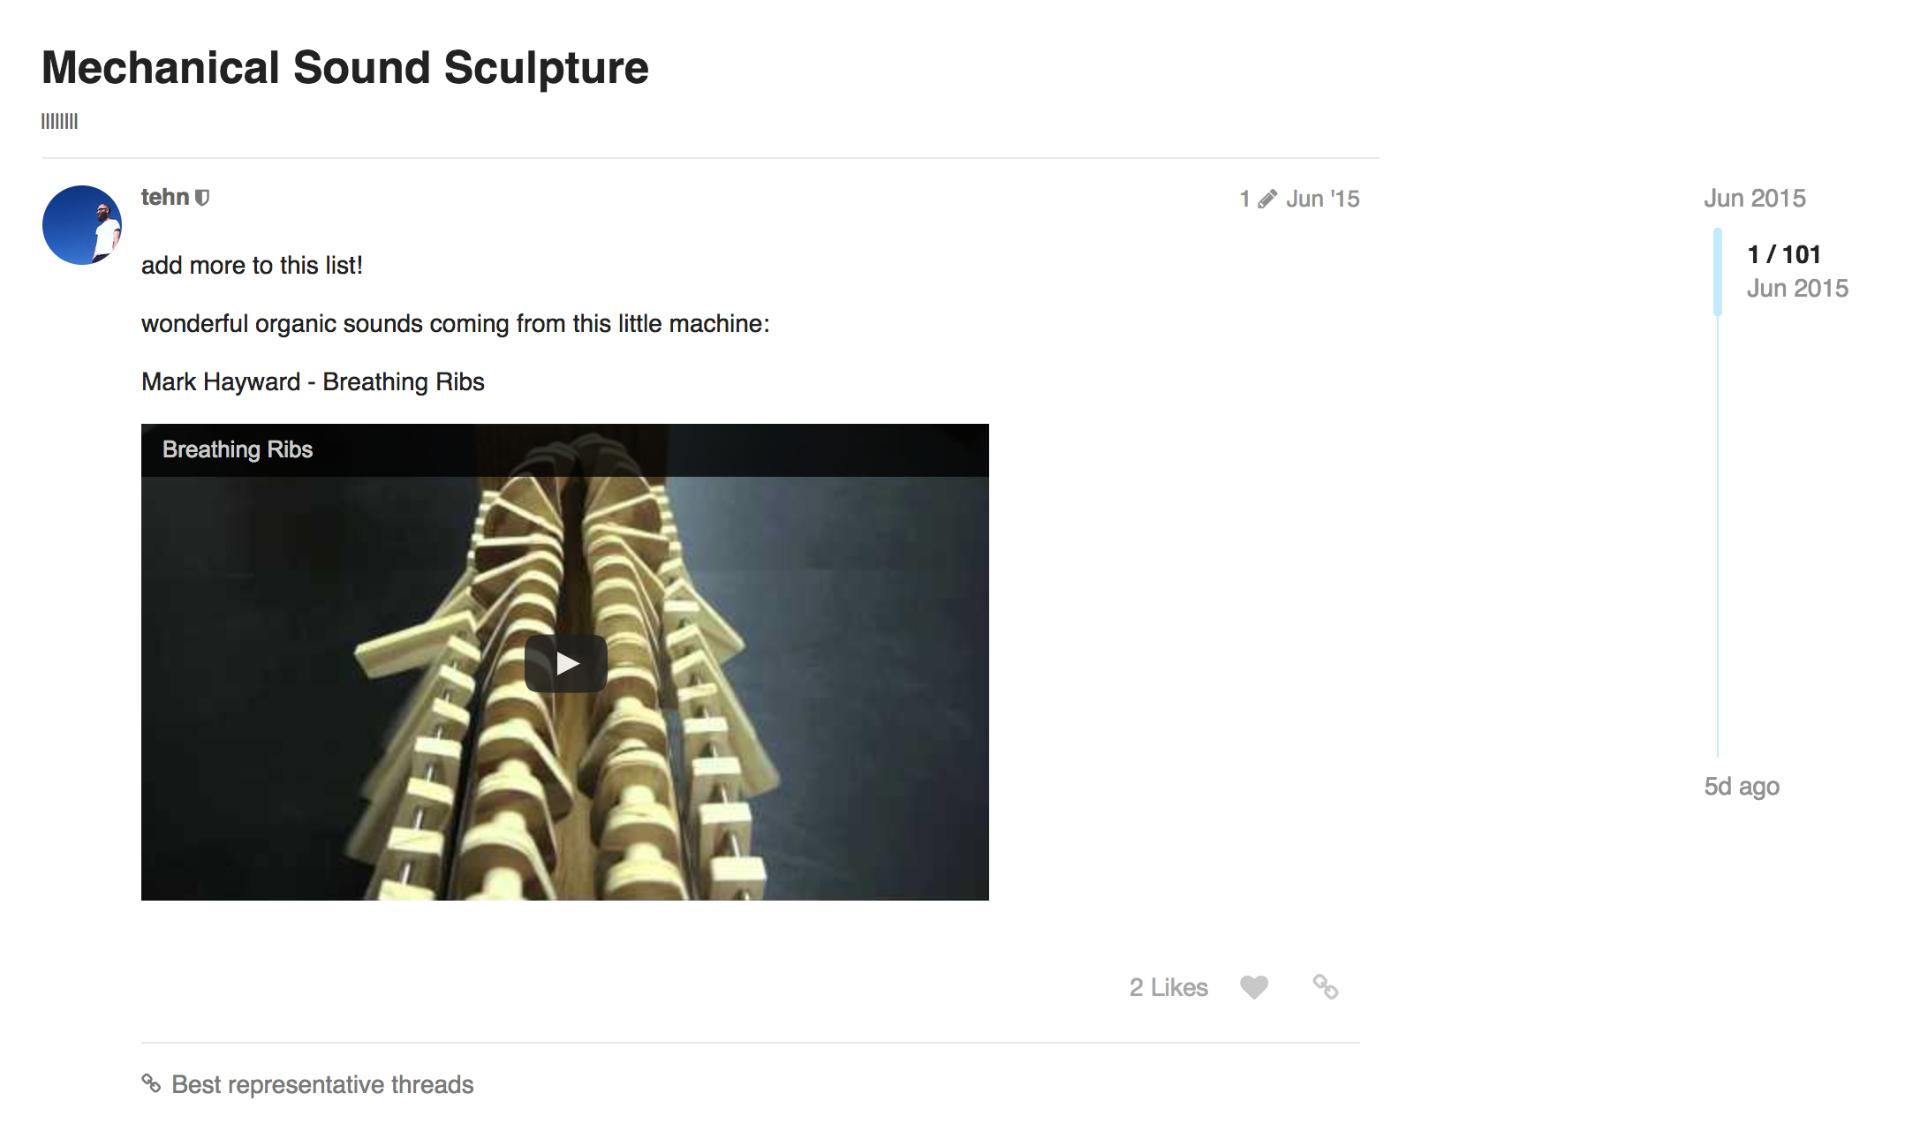 Thread about Mechanical Sound Sculpture